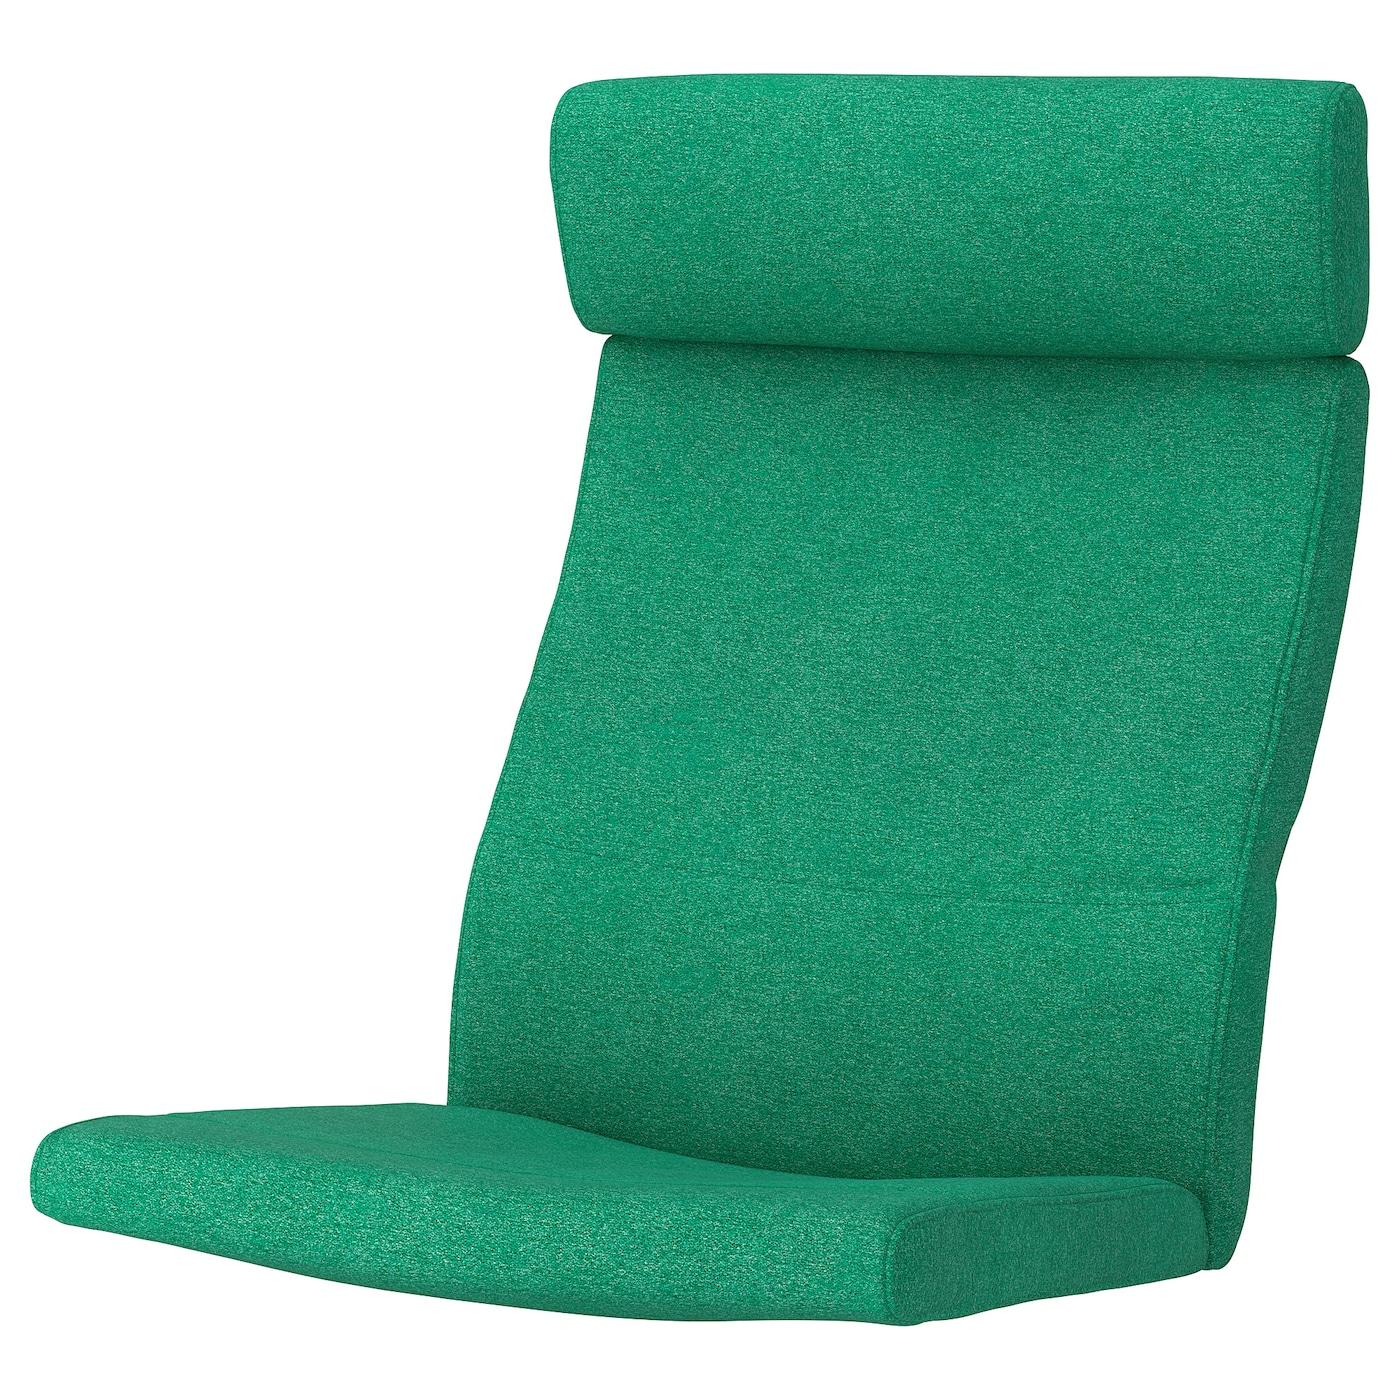 ikea stoel poang groen leer